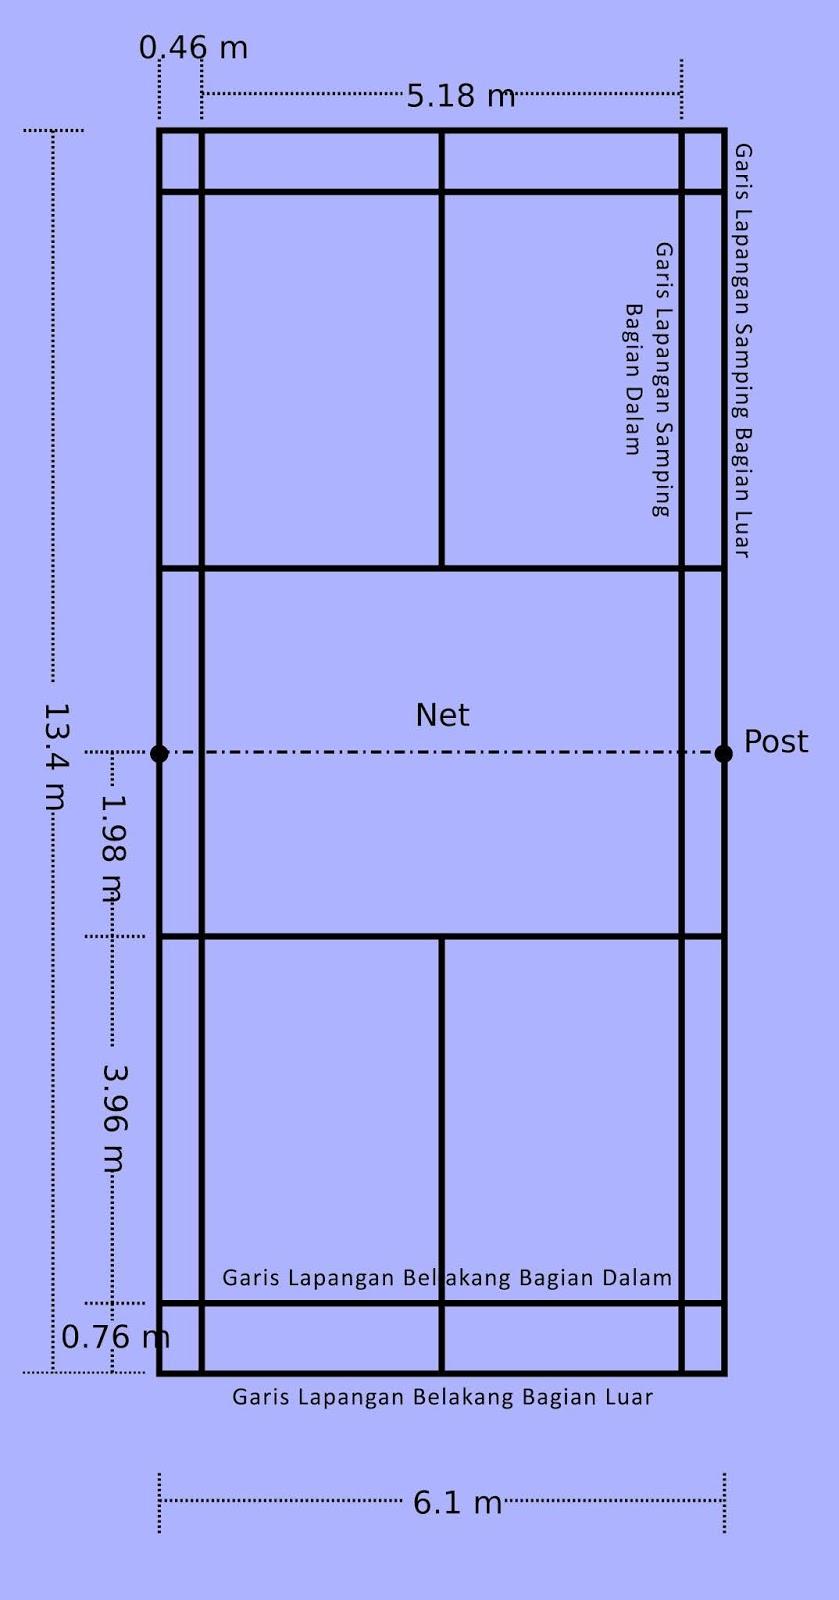 Ukuran Lapangan Badminton Lengkap Gambar Dan Keterangannya Markijar Com